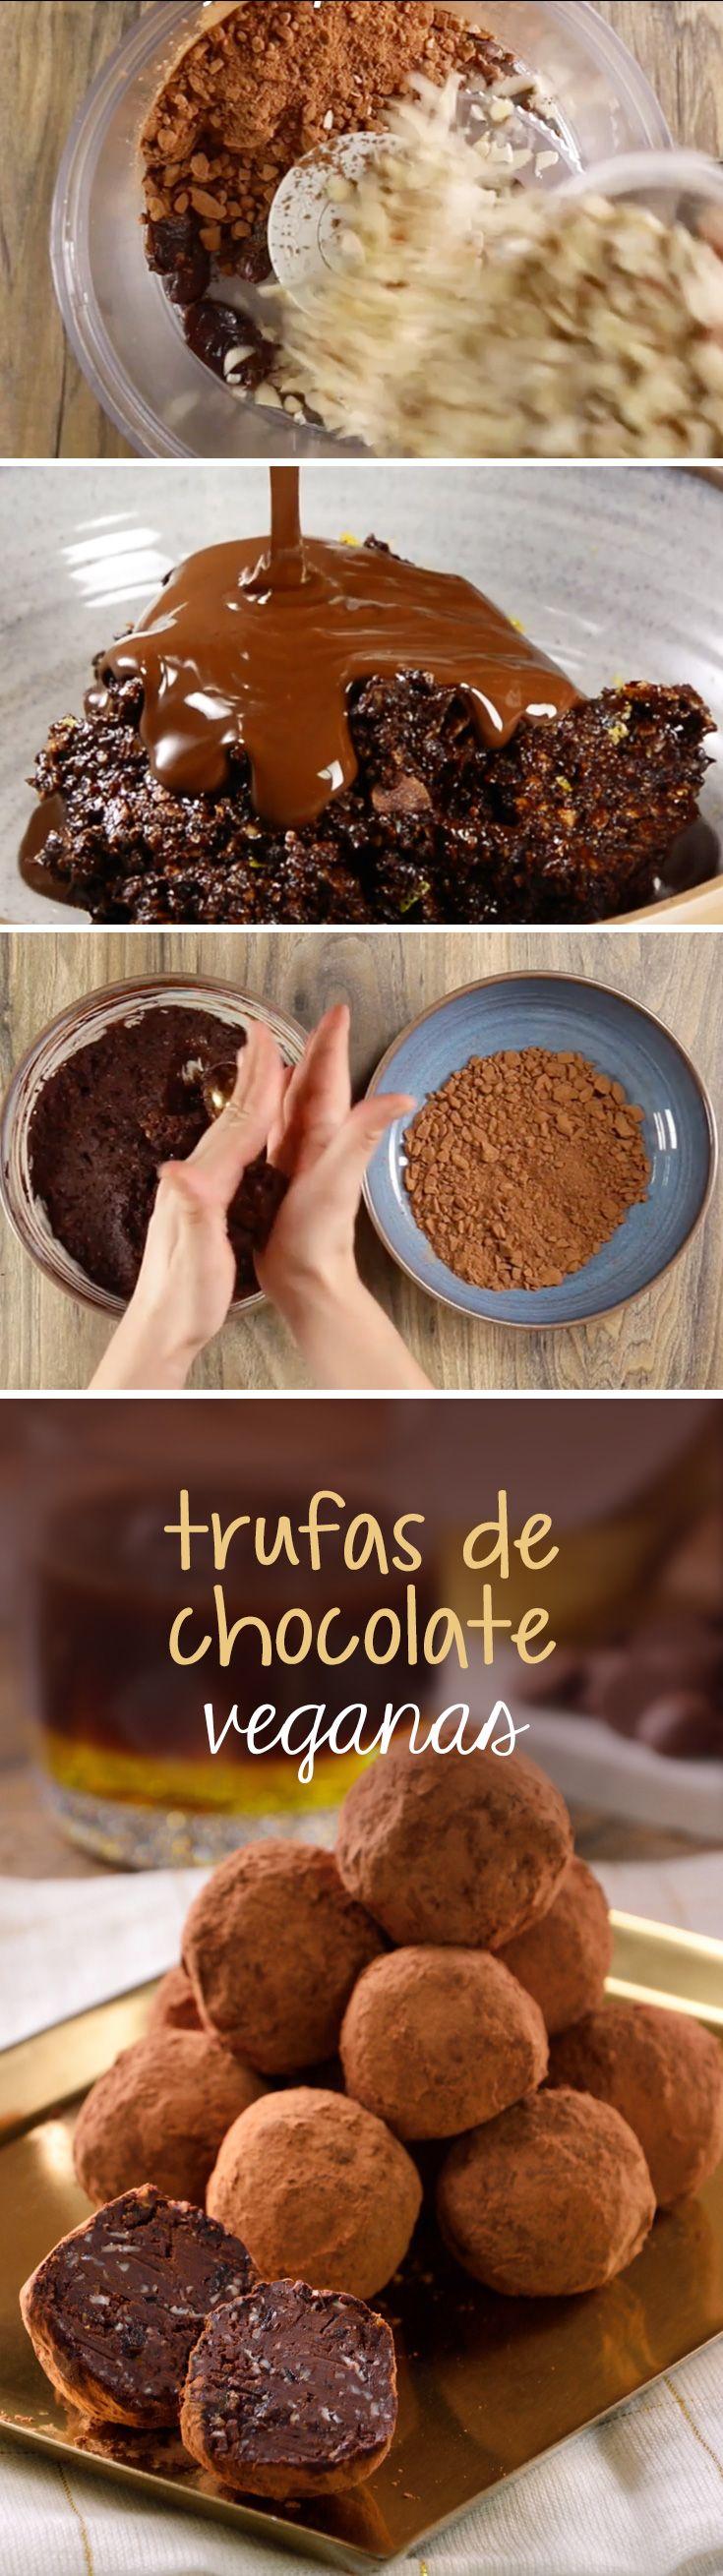 Trufas de chocolate energéticas sin lácteos veganas para preparar en casa con un triturador de alimentos.